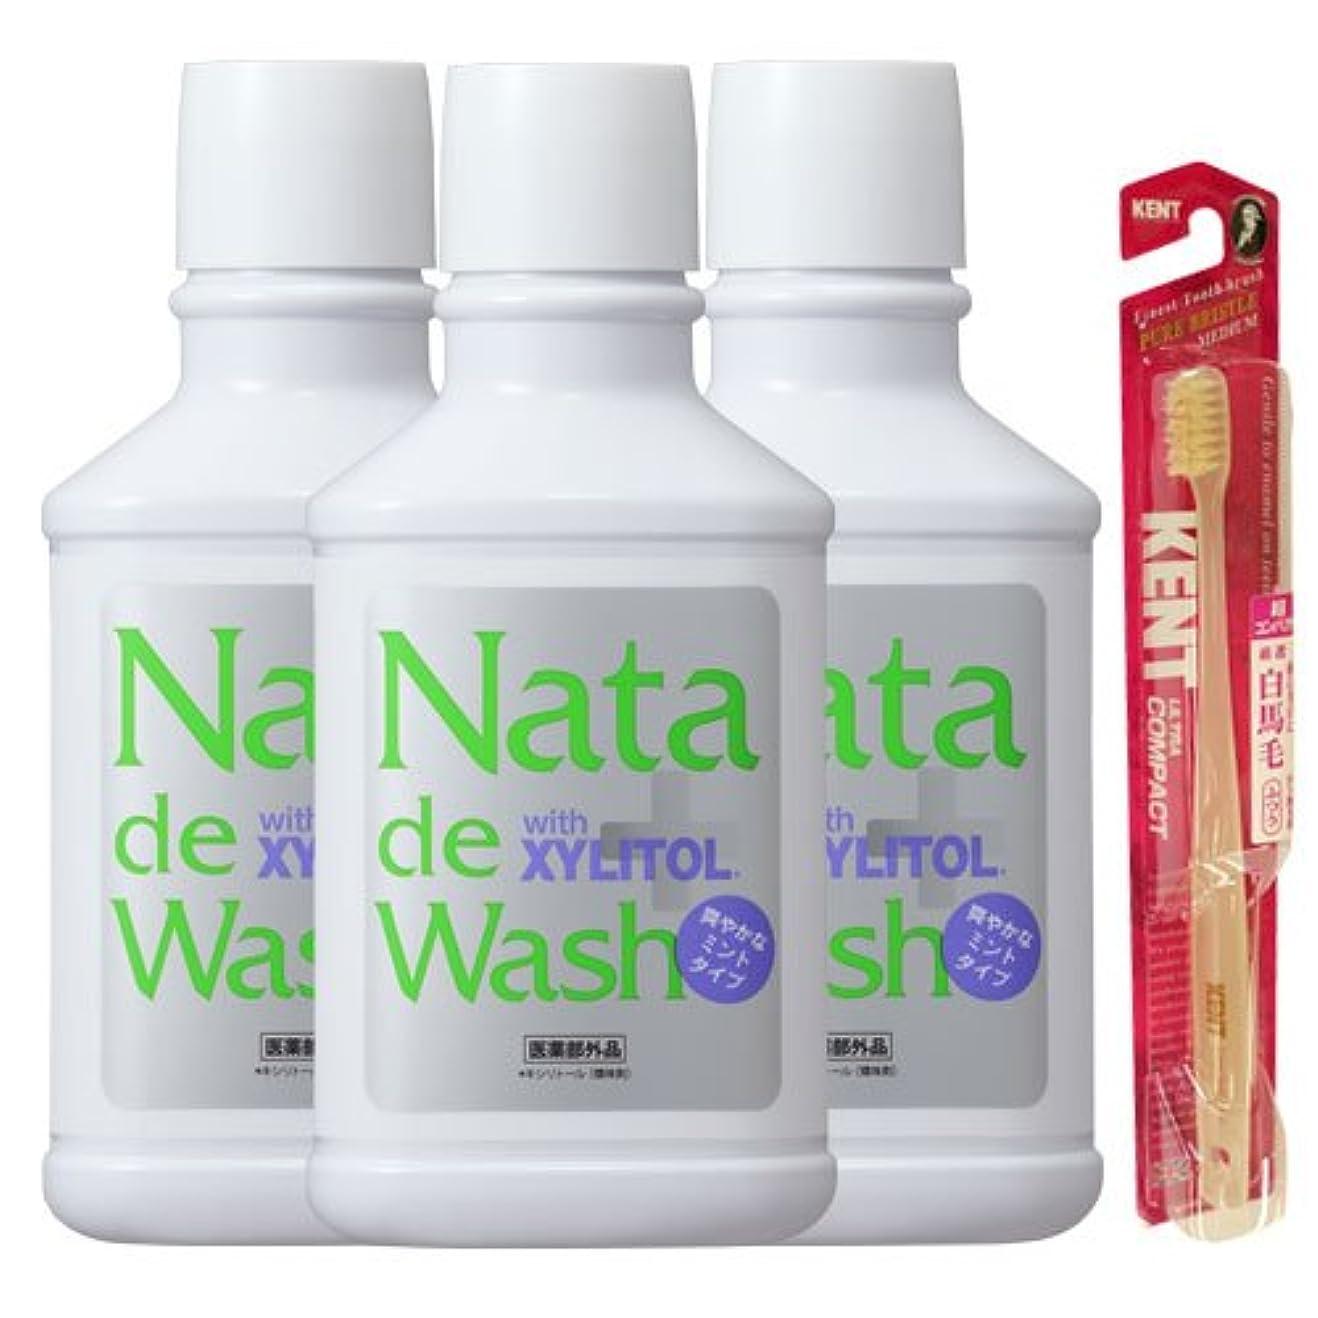 またはメタン辛い薬用ナタデウォッシュ 爽やかなミントタイプ 500ml 3本& KENT歯ブラシ1本プレゼント